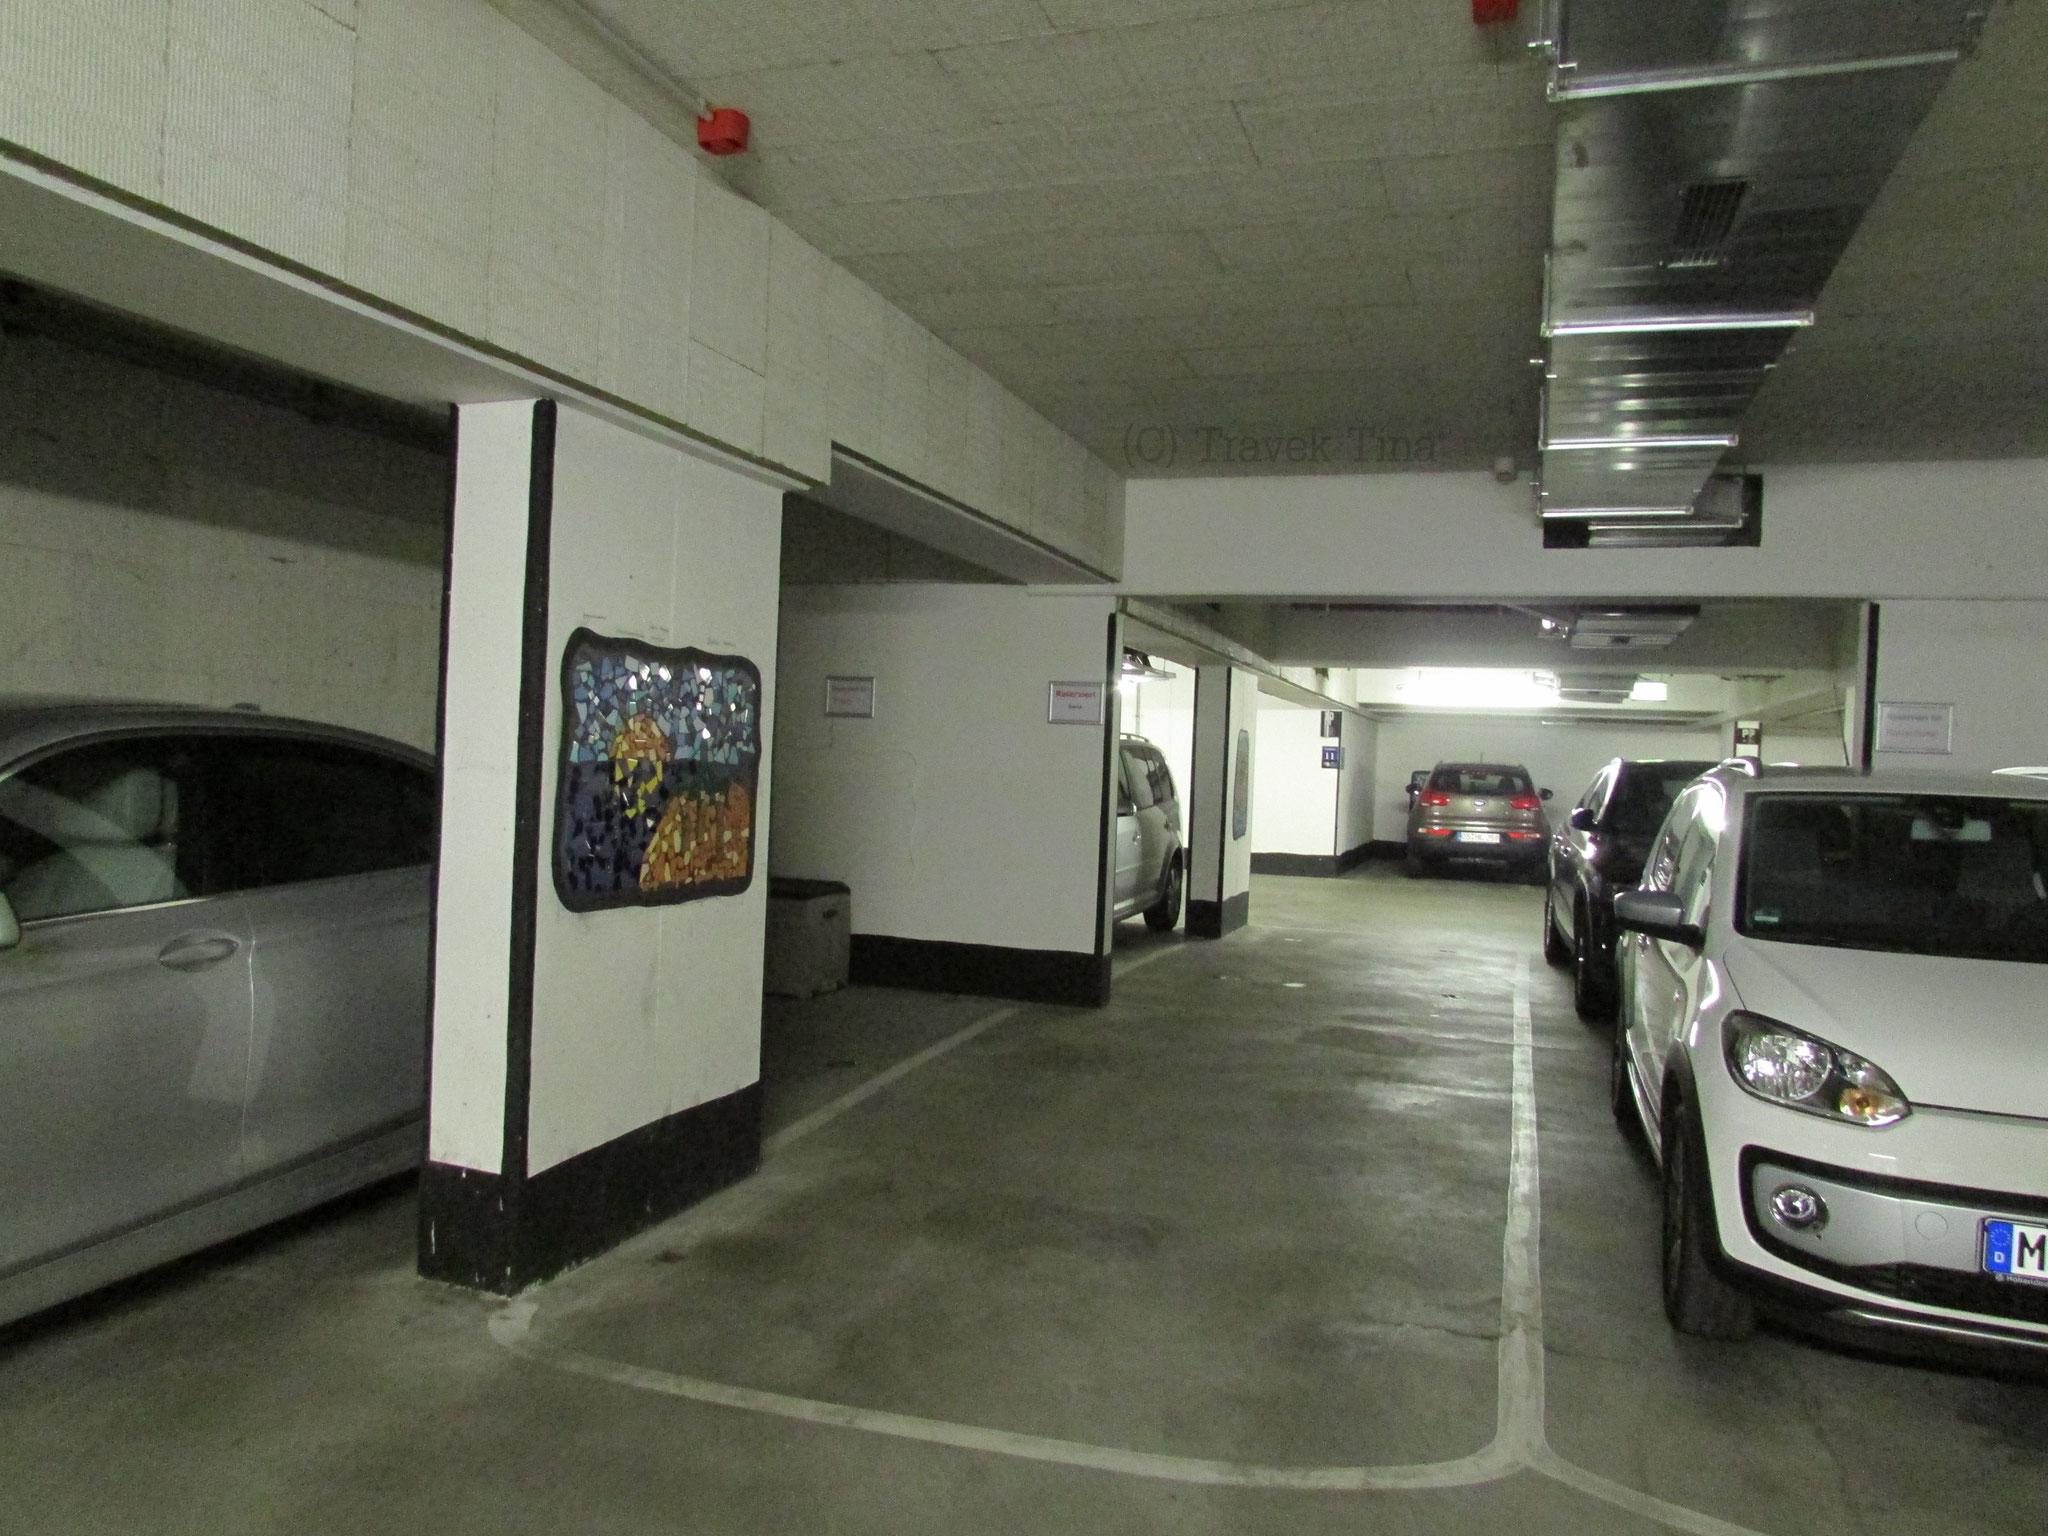 Jeder Parkplatz ist individuell mit einem Bild statt einer Zahl versehen.